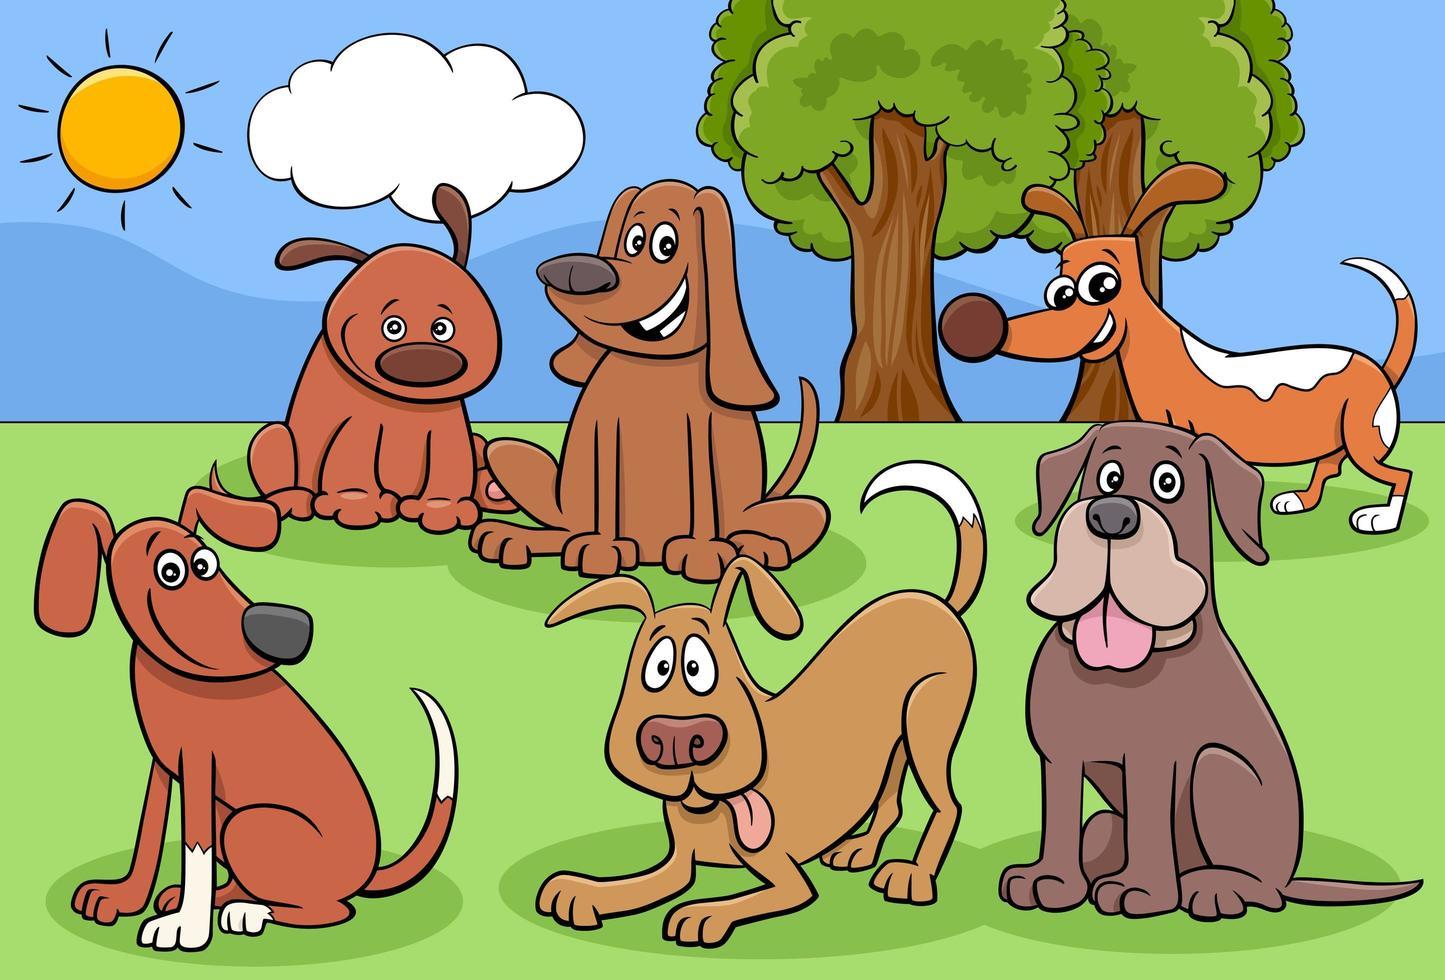 grupo de personajes de perros y cachorros de dibujos animados vector